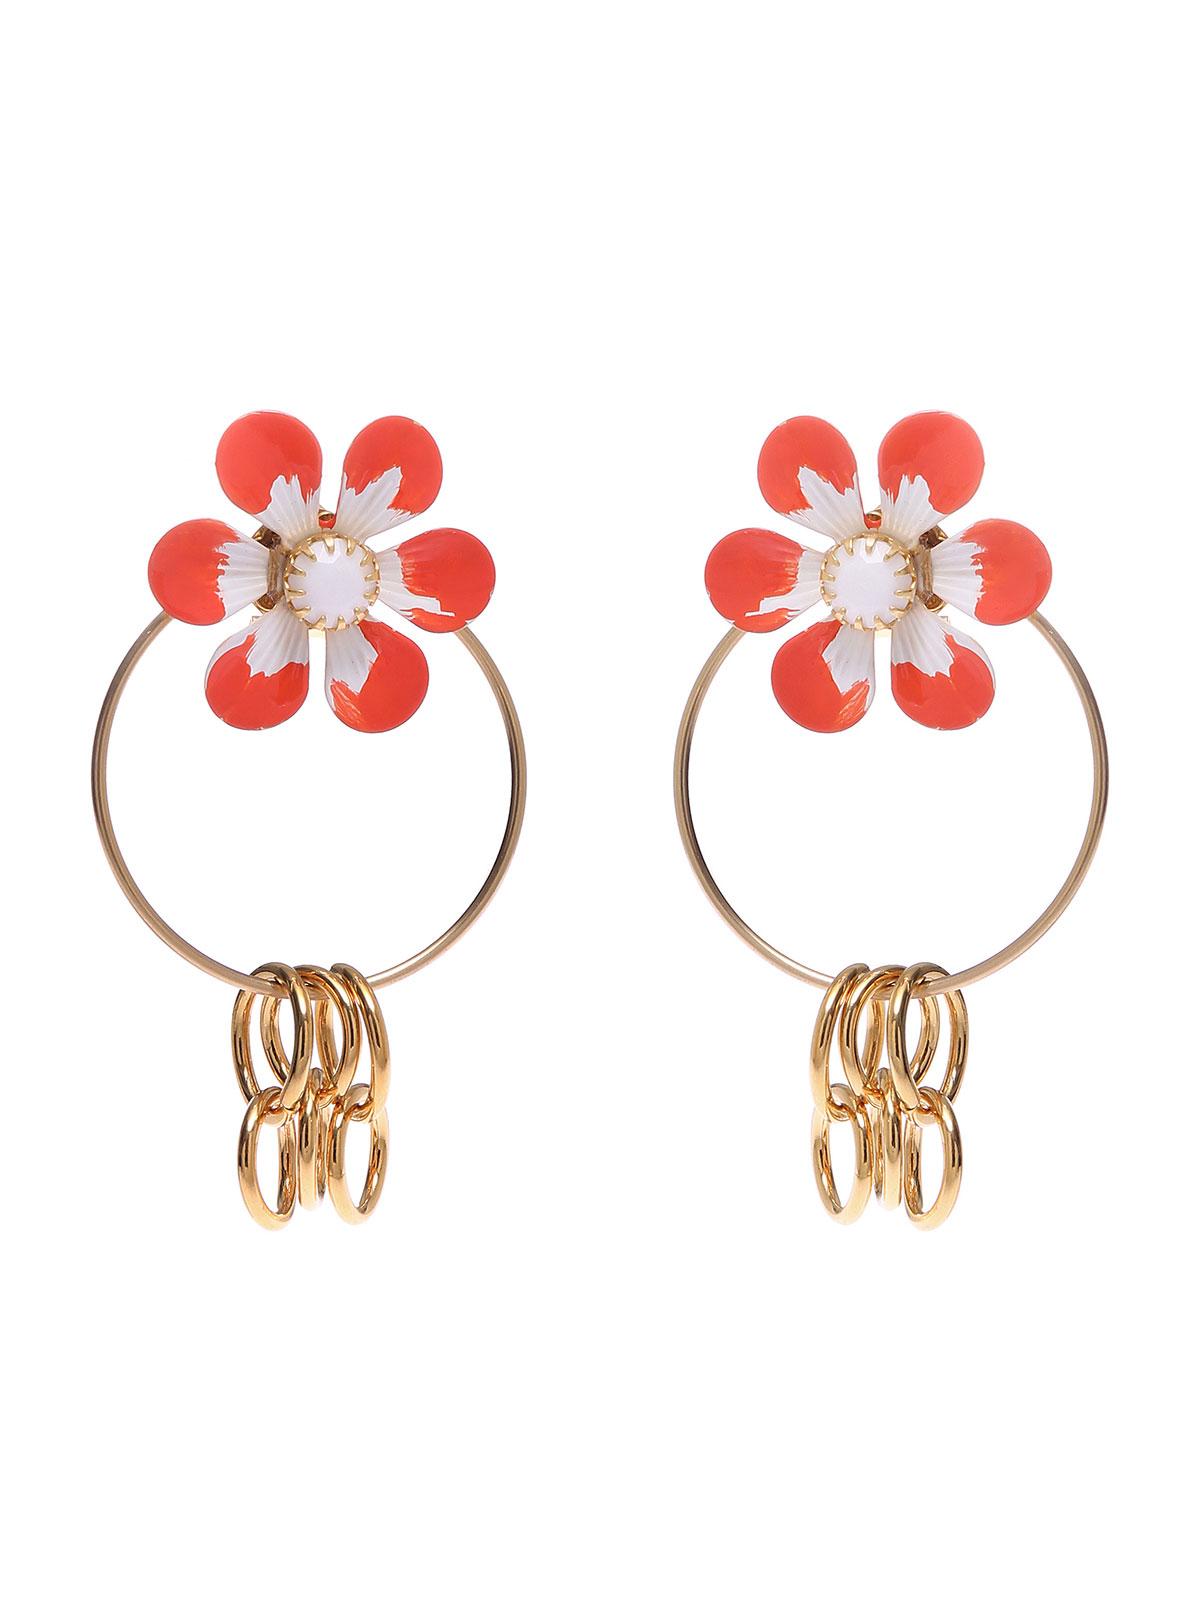 Orecchini fiori smaltati con anelle metallo